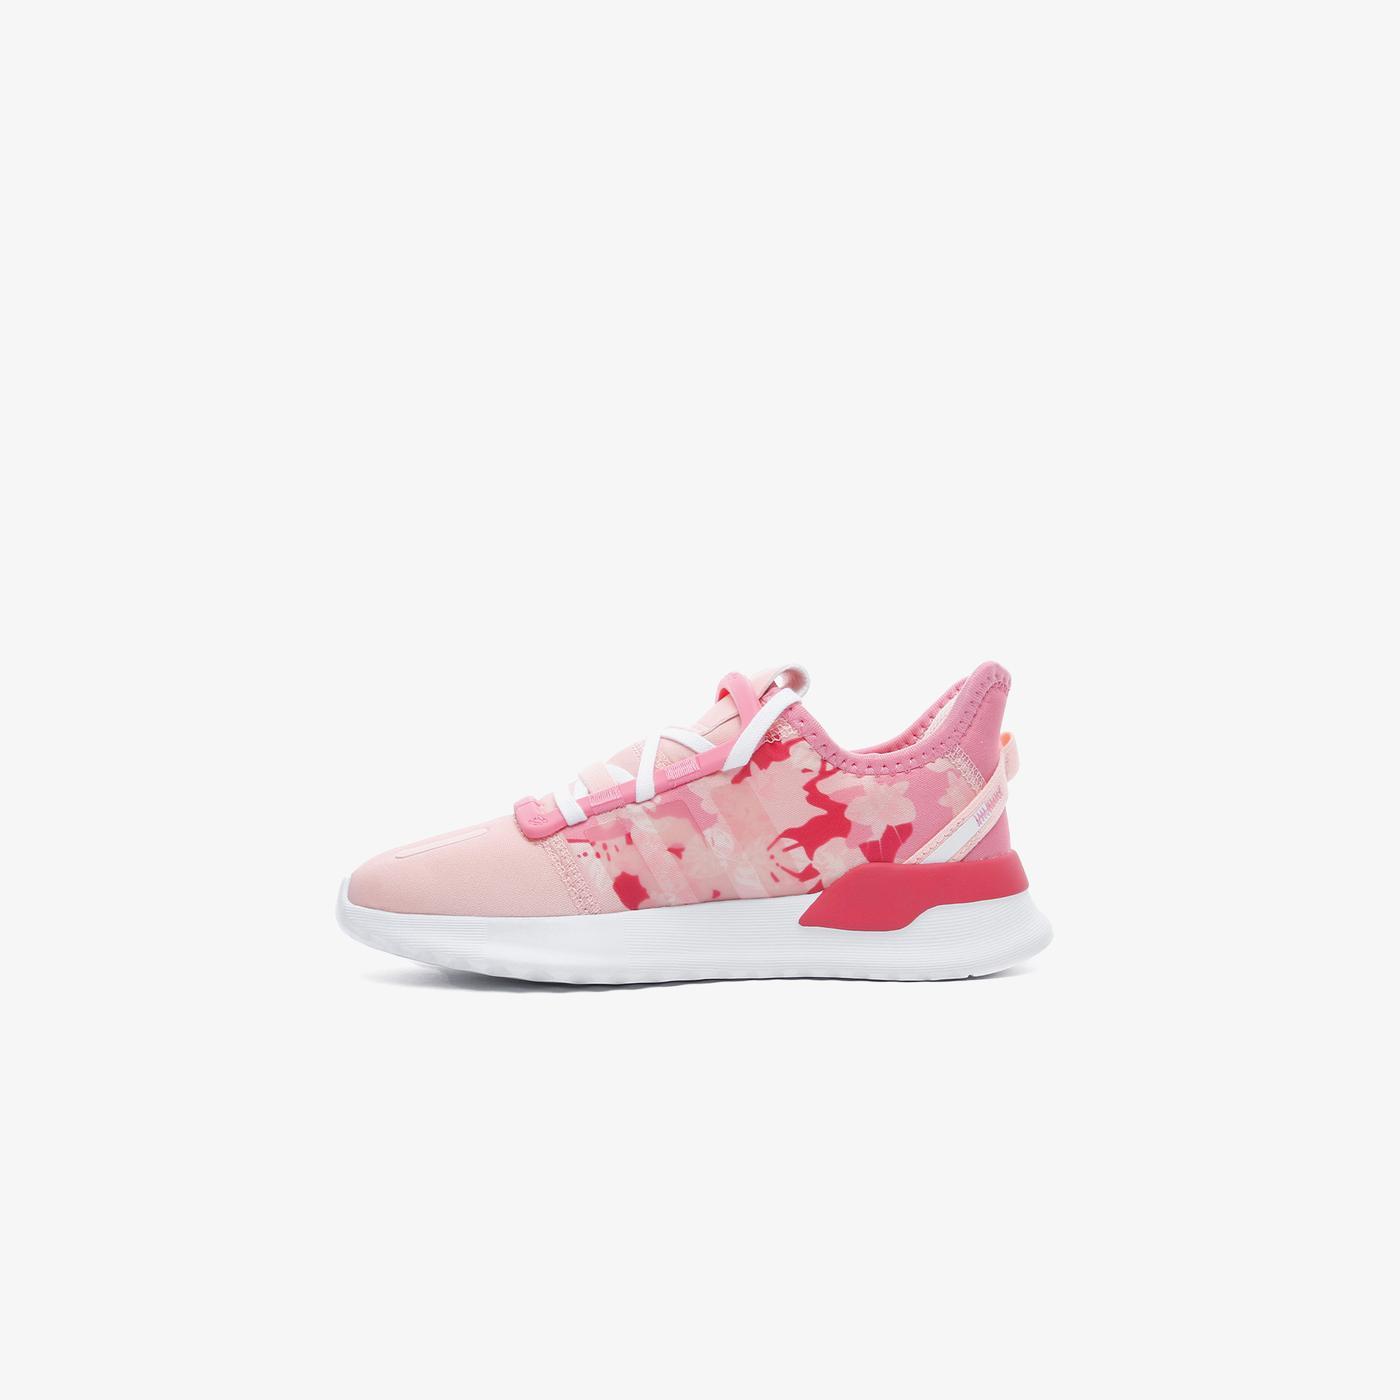 adidas U_Path Run Çocuk Pembe Spor Ayakkabı